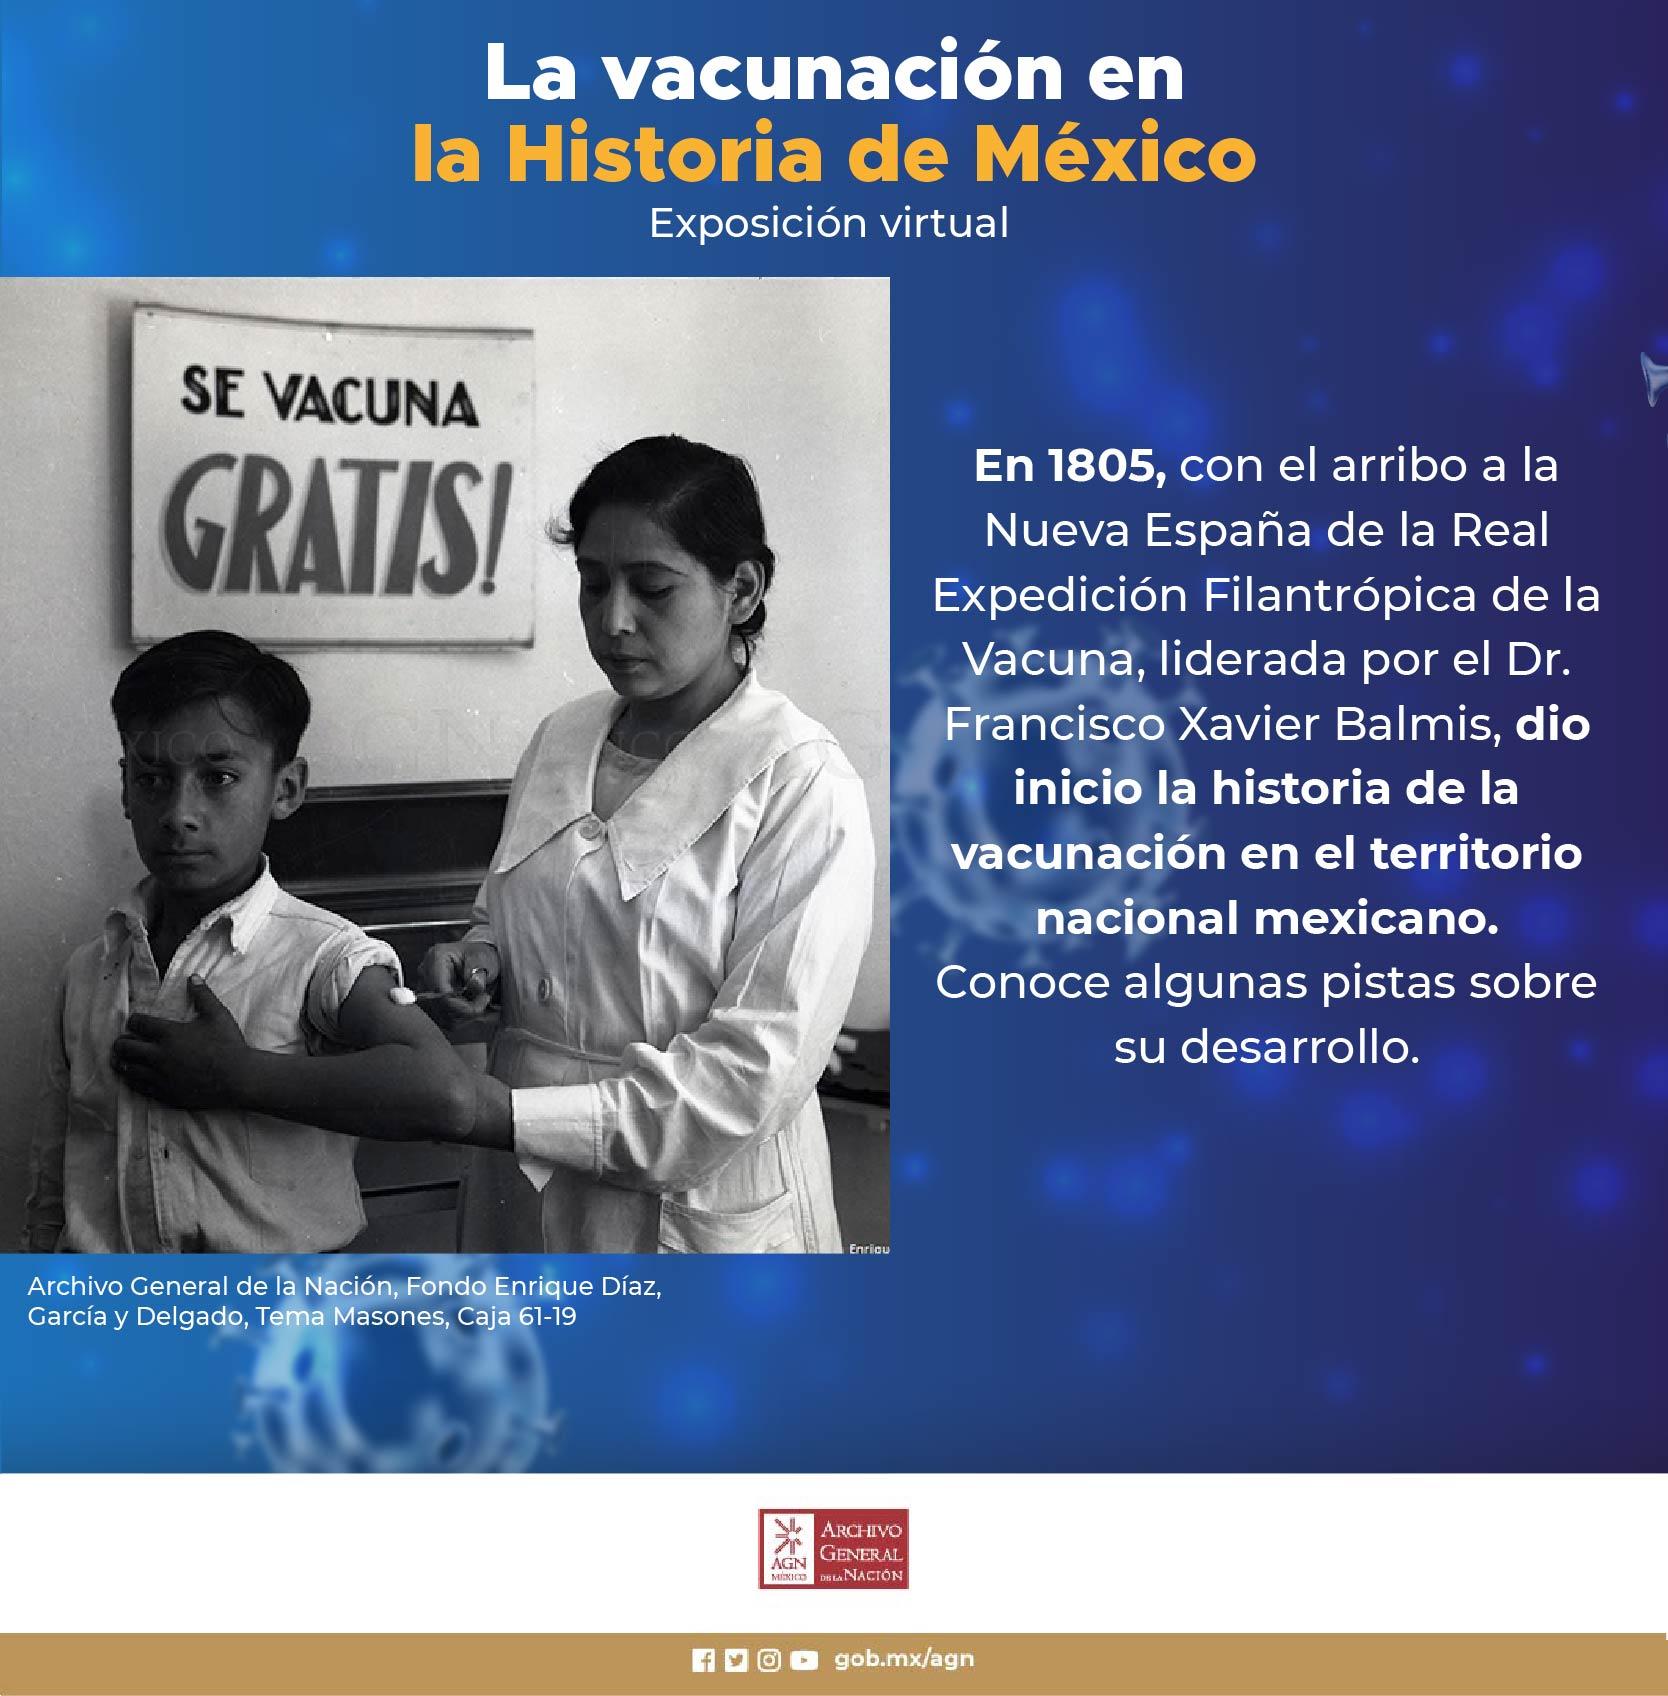 ExpoAGN LA VACUNACIÓN EN LA HISTORIA DE MÉXICO